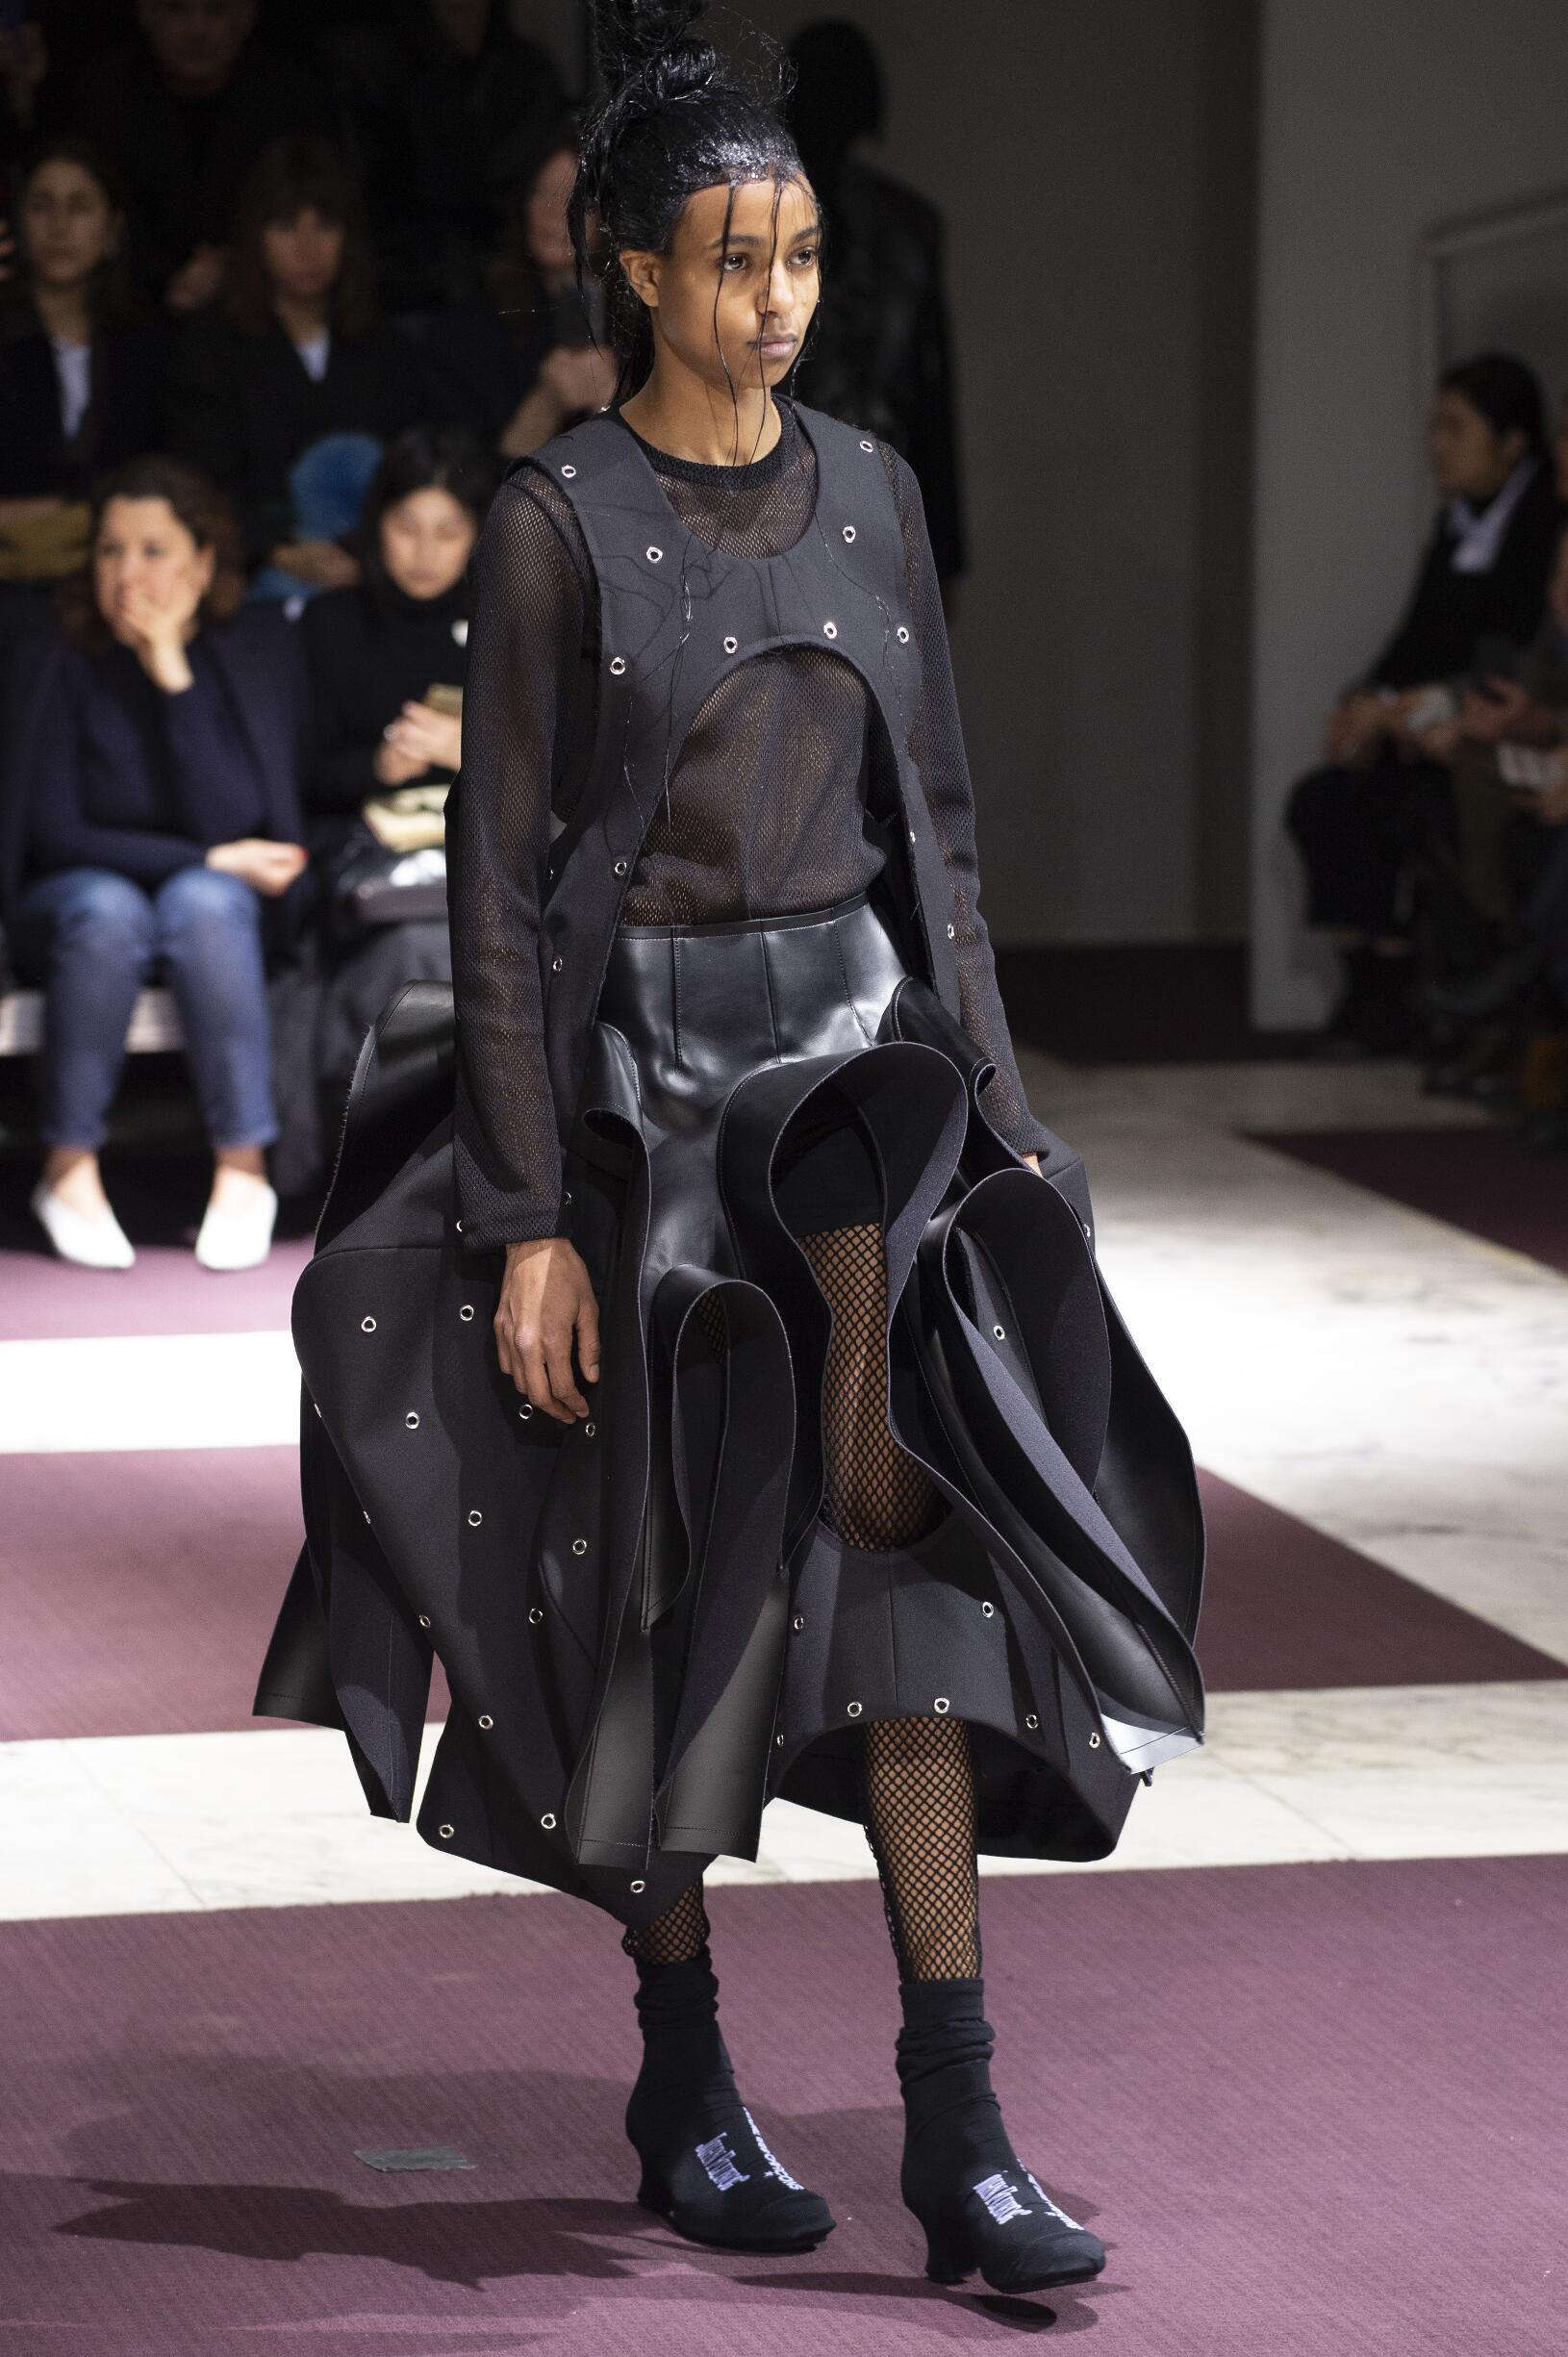 Winter 2019 Fashion Trends Comme des Garçons